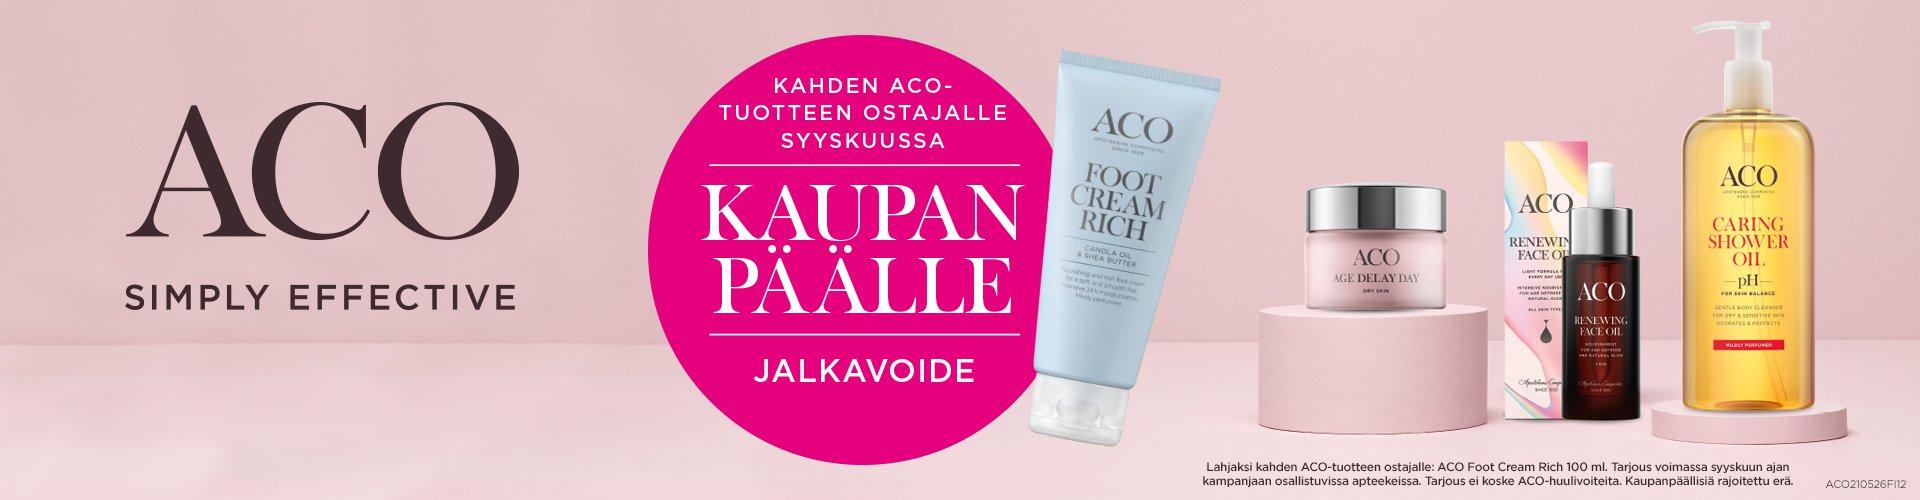 Kahden ACO-tuotteen ostajalle kaupan päälle ACO Foot Cream Rich -jalkavoide